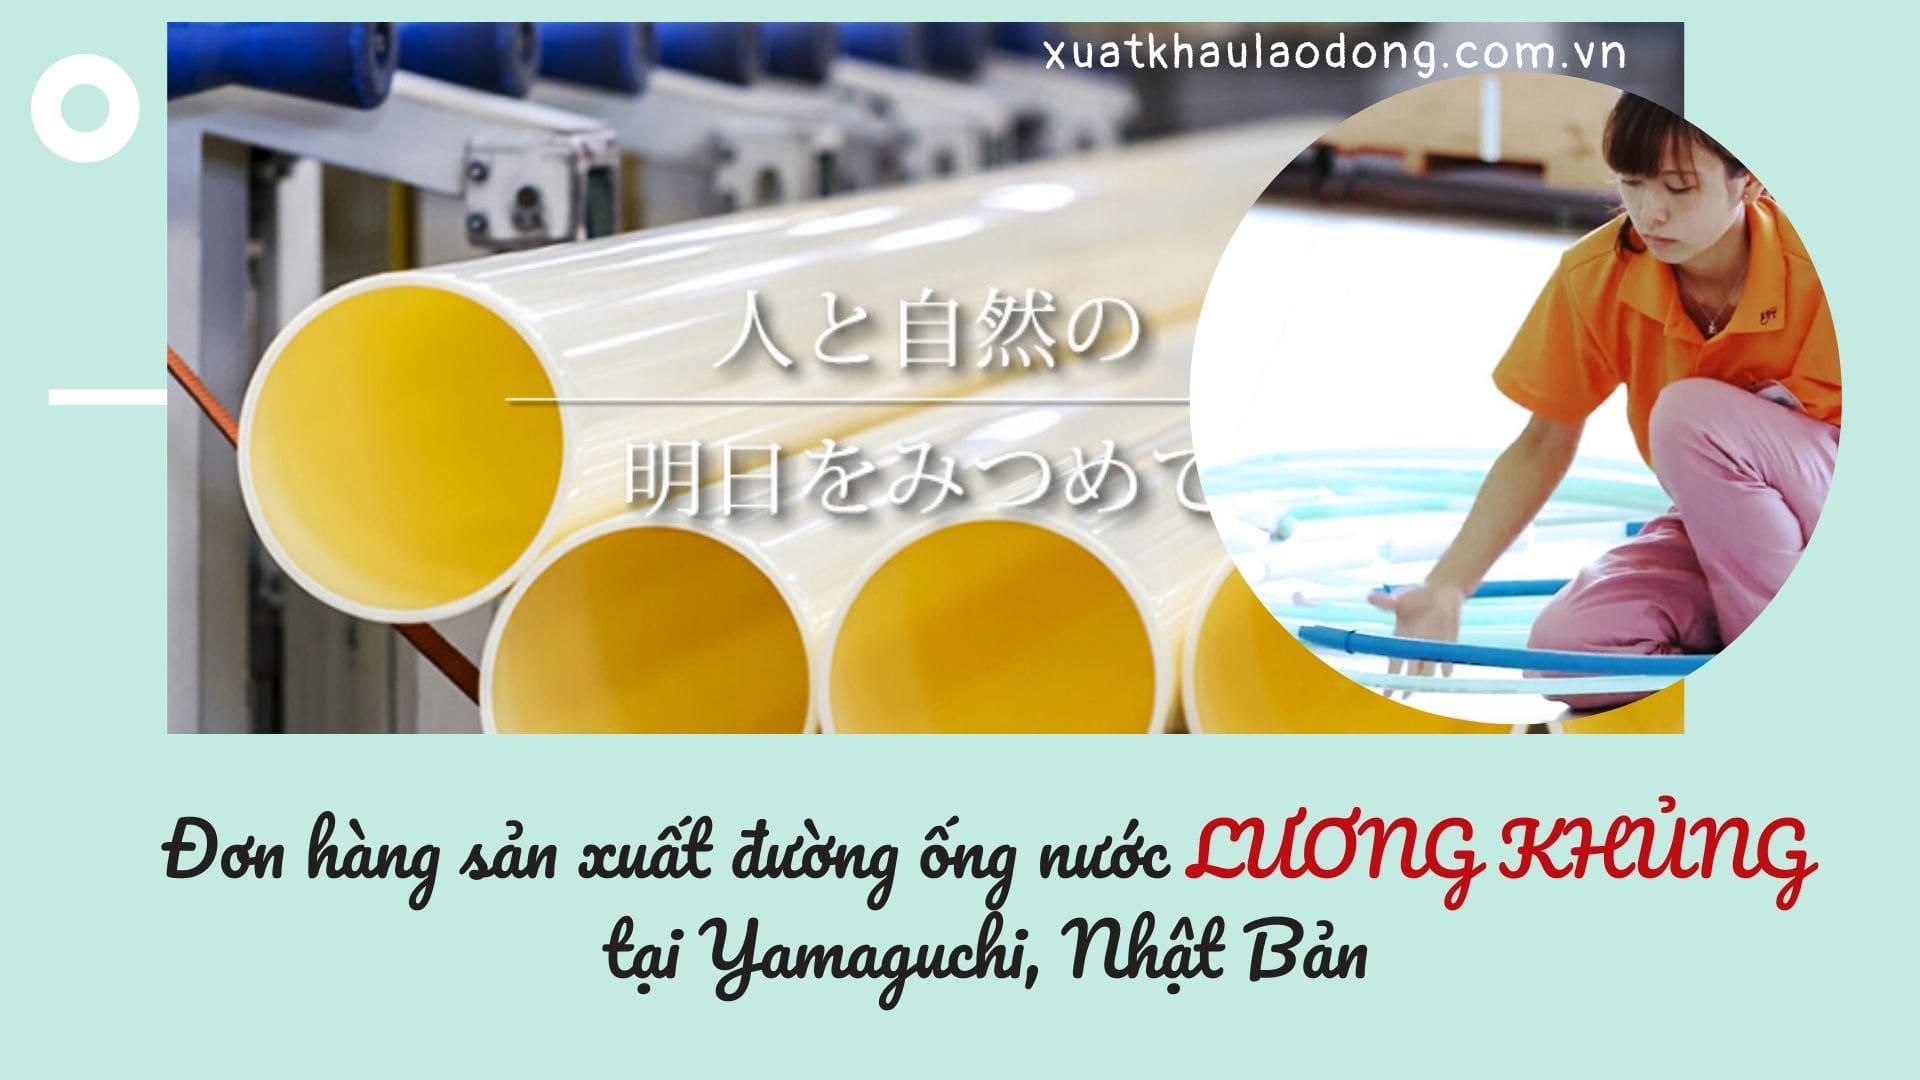 Đơn hàng sản xuất ống nước tại Yamaguchi  lương 33 triệu/tháng đang tuyển gấp